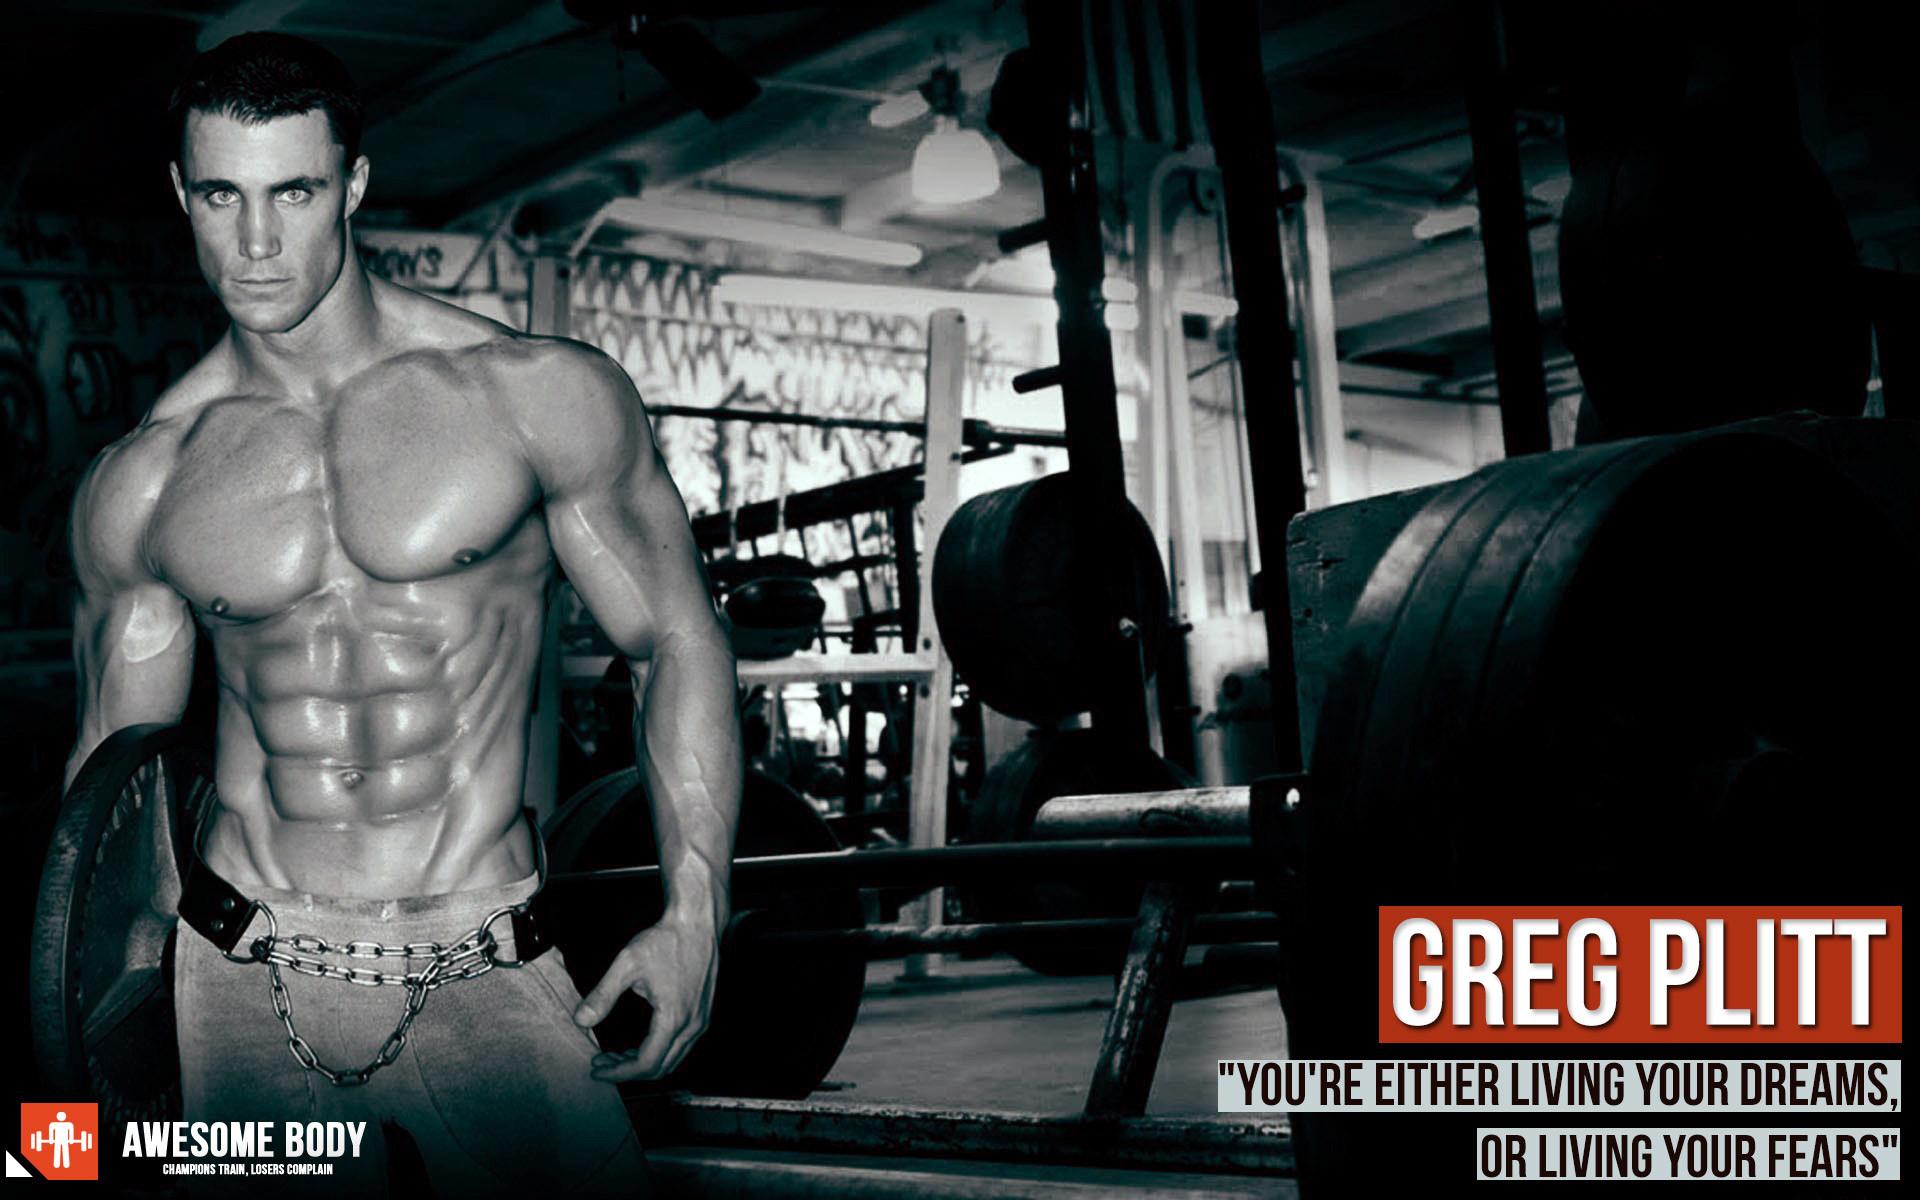 Greg Plitt Poster | Fitness Model Actor | Motivational wallpaper